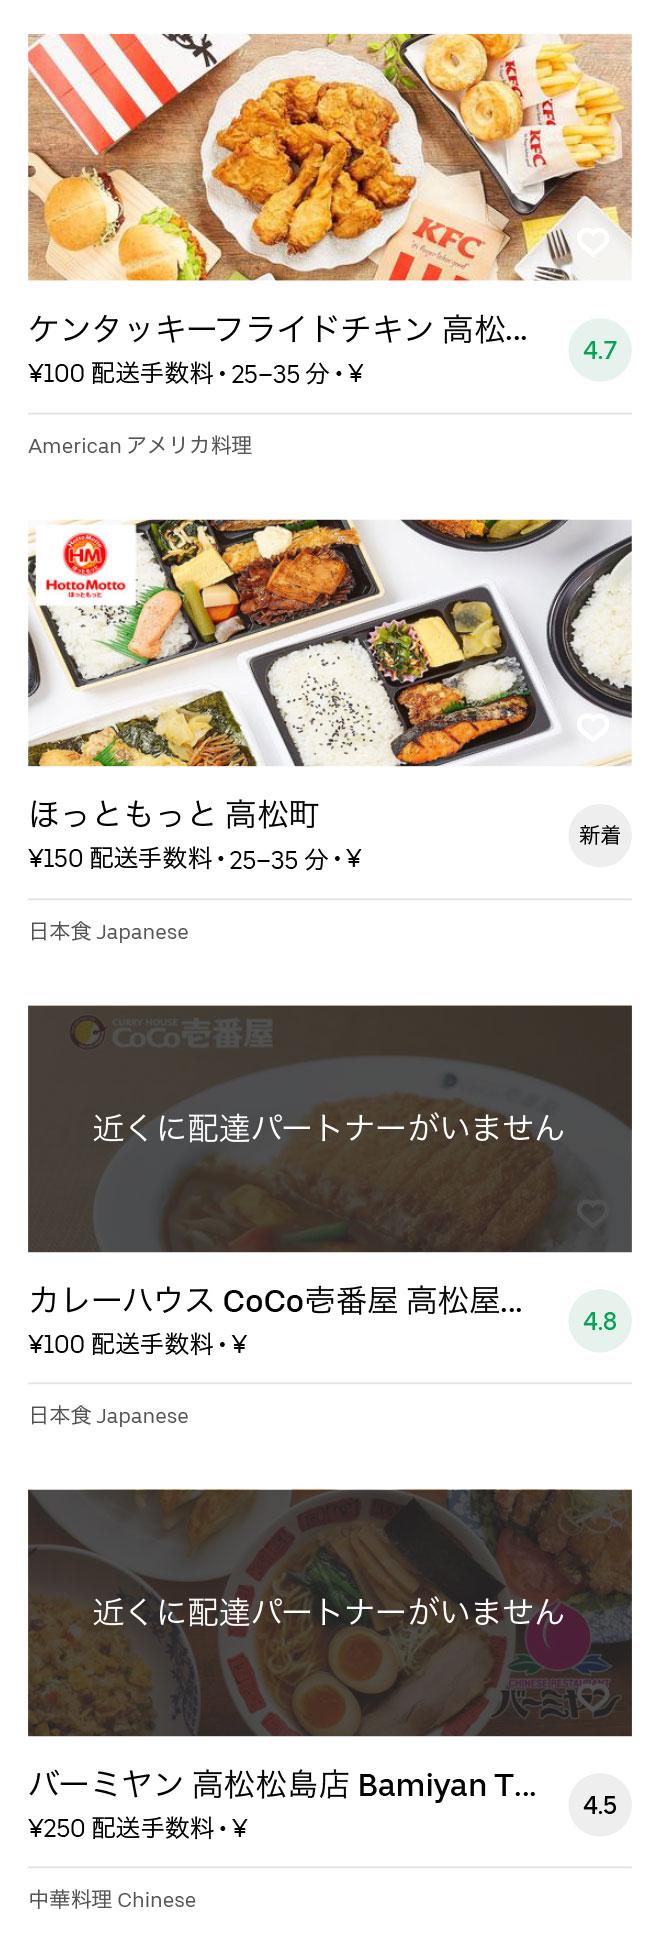 Katamoto menu 2008 02